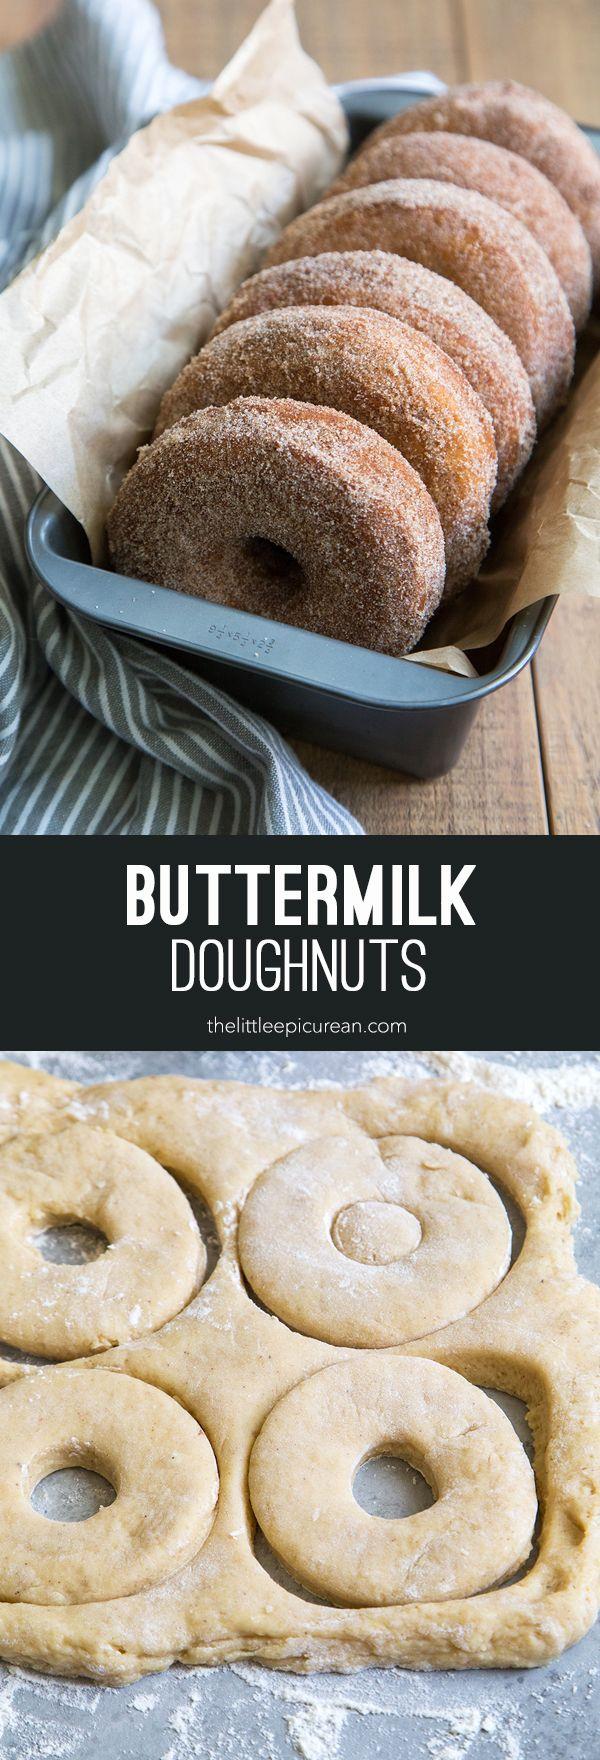 Buttermilk Doughnuts. #desserts